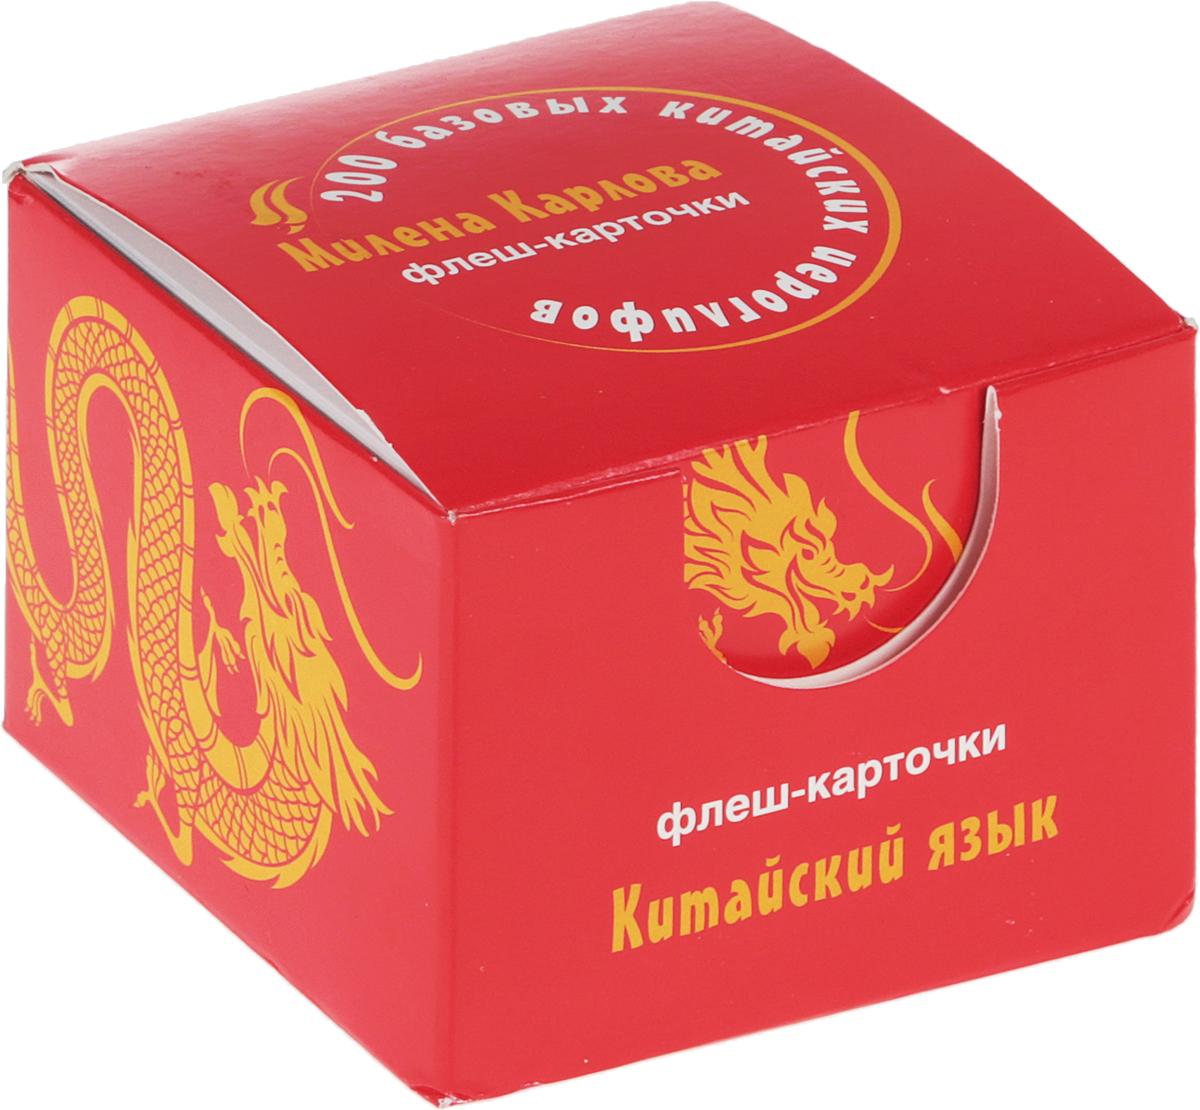 М. Э. Карлова 200 базовых китайских иероглифов. Флеш-карточки